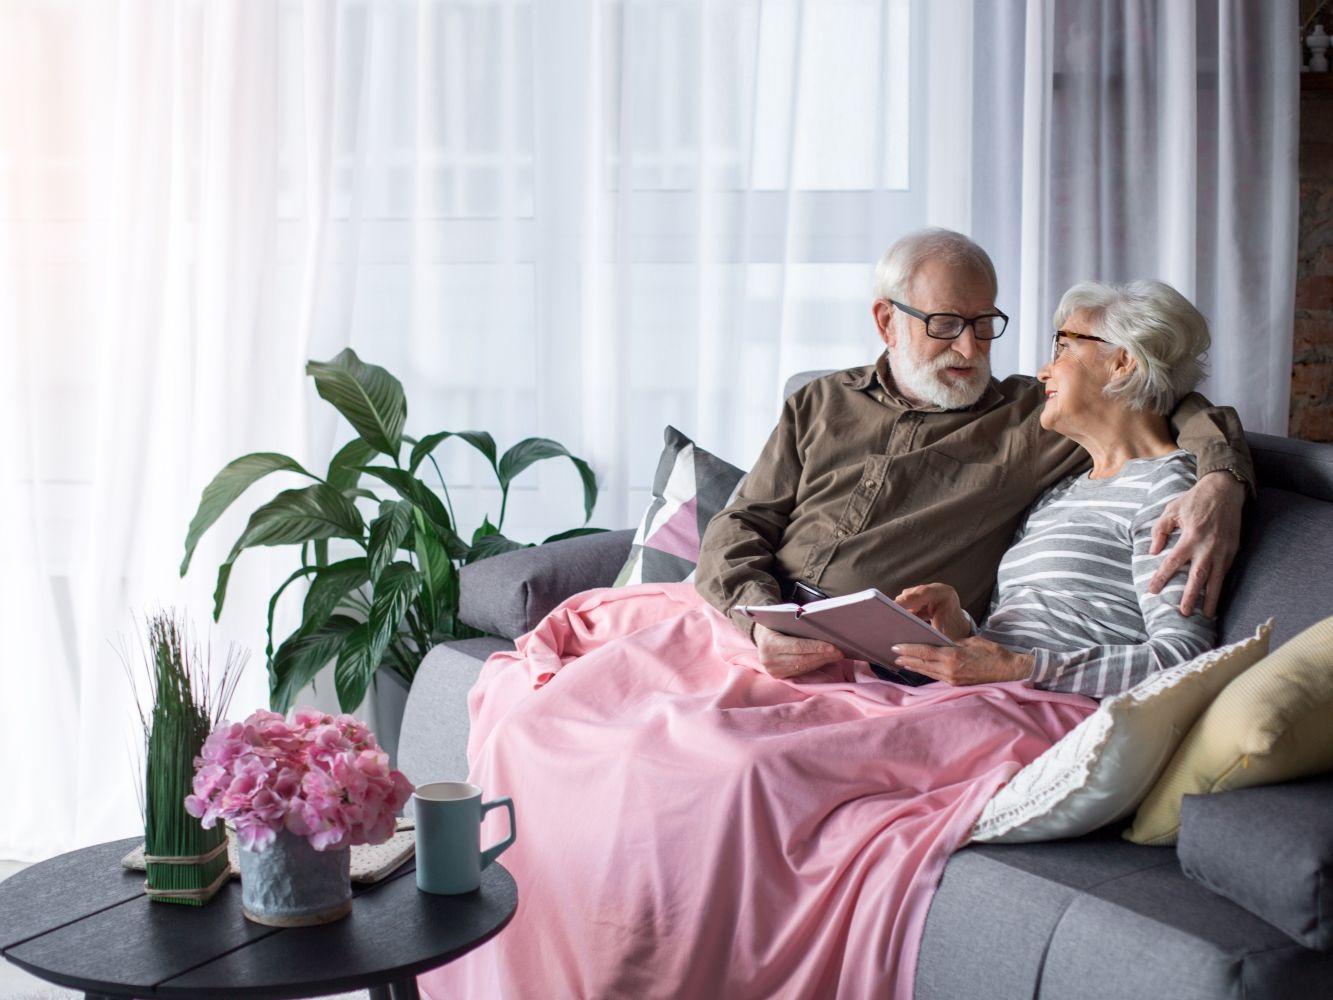 Barrierefreier Umbau ist keine Frage des Alters